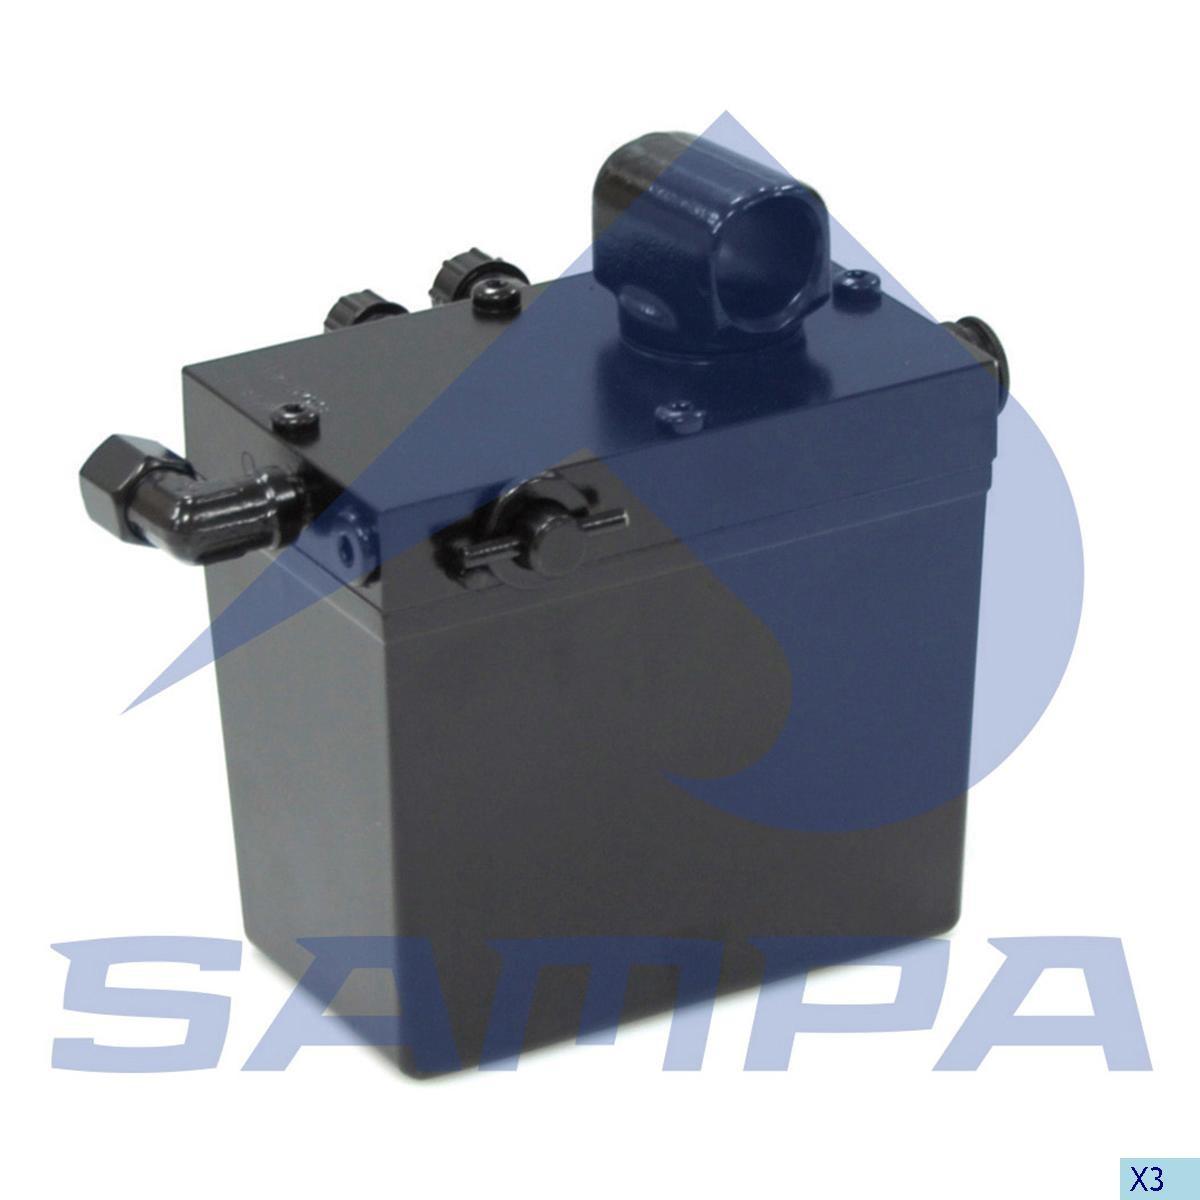 Pompa basculare cabina DAF photo